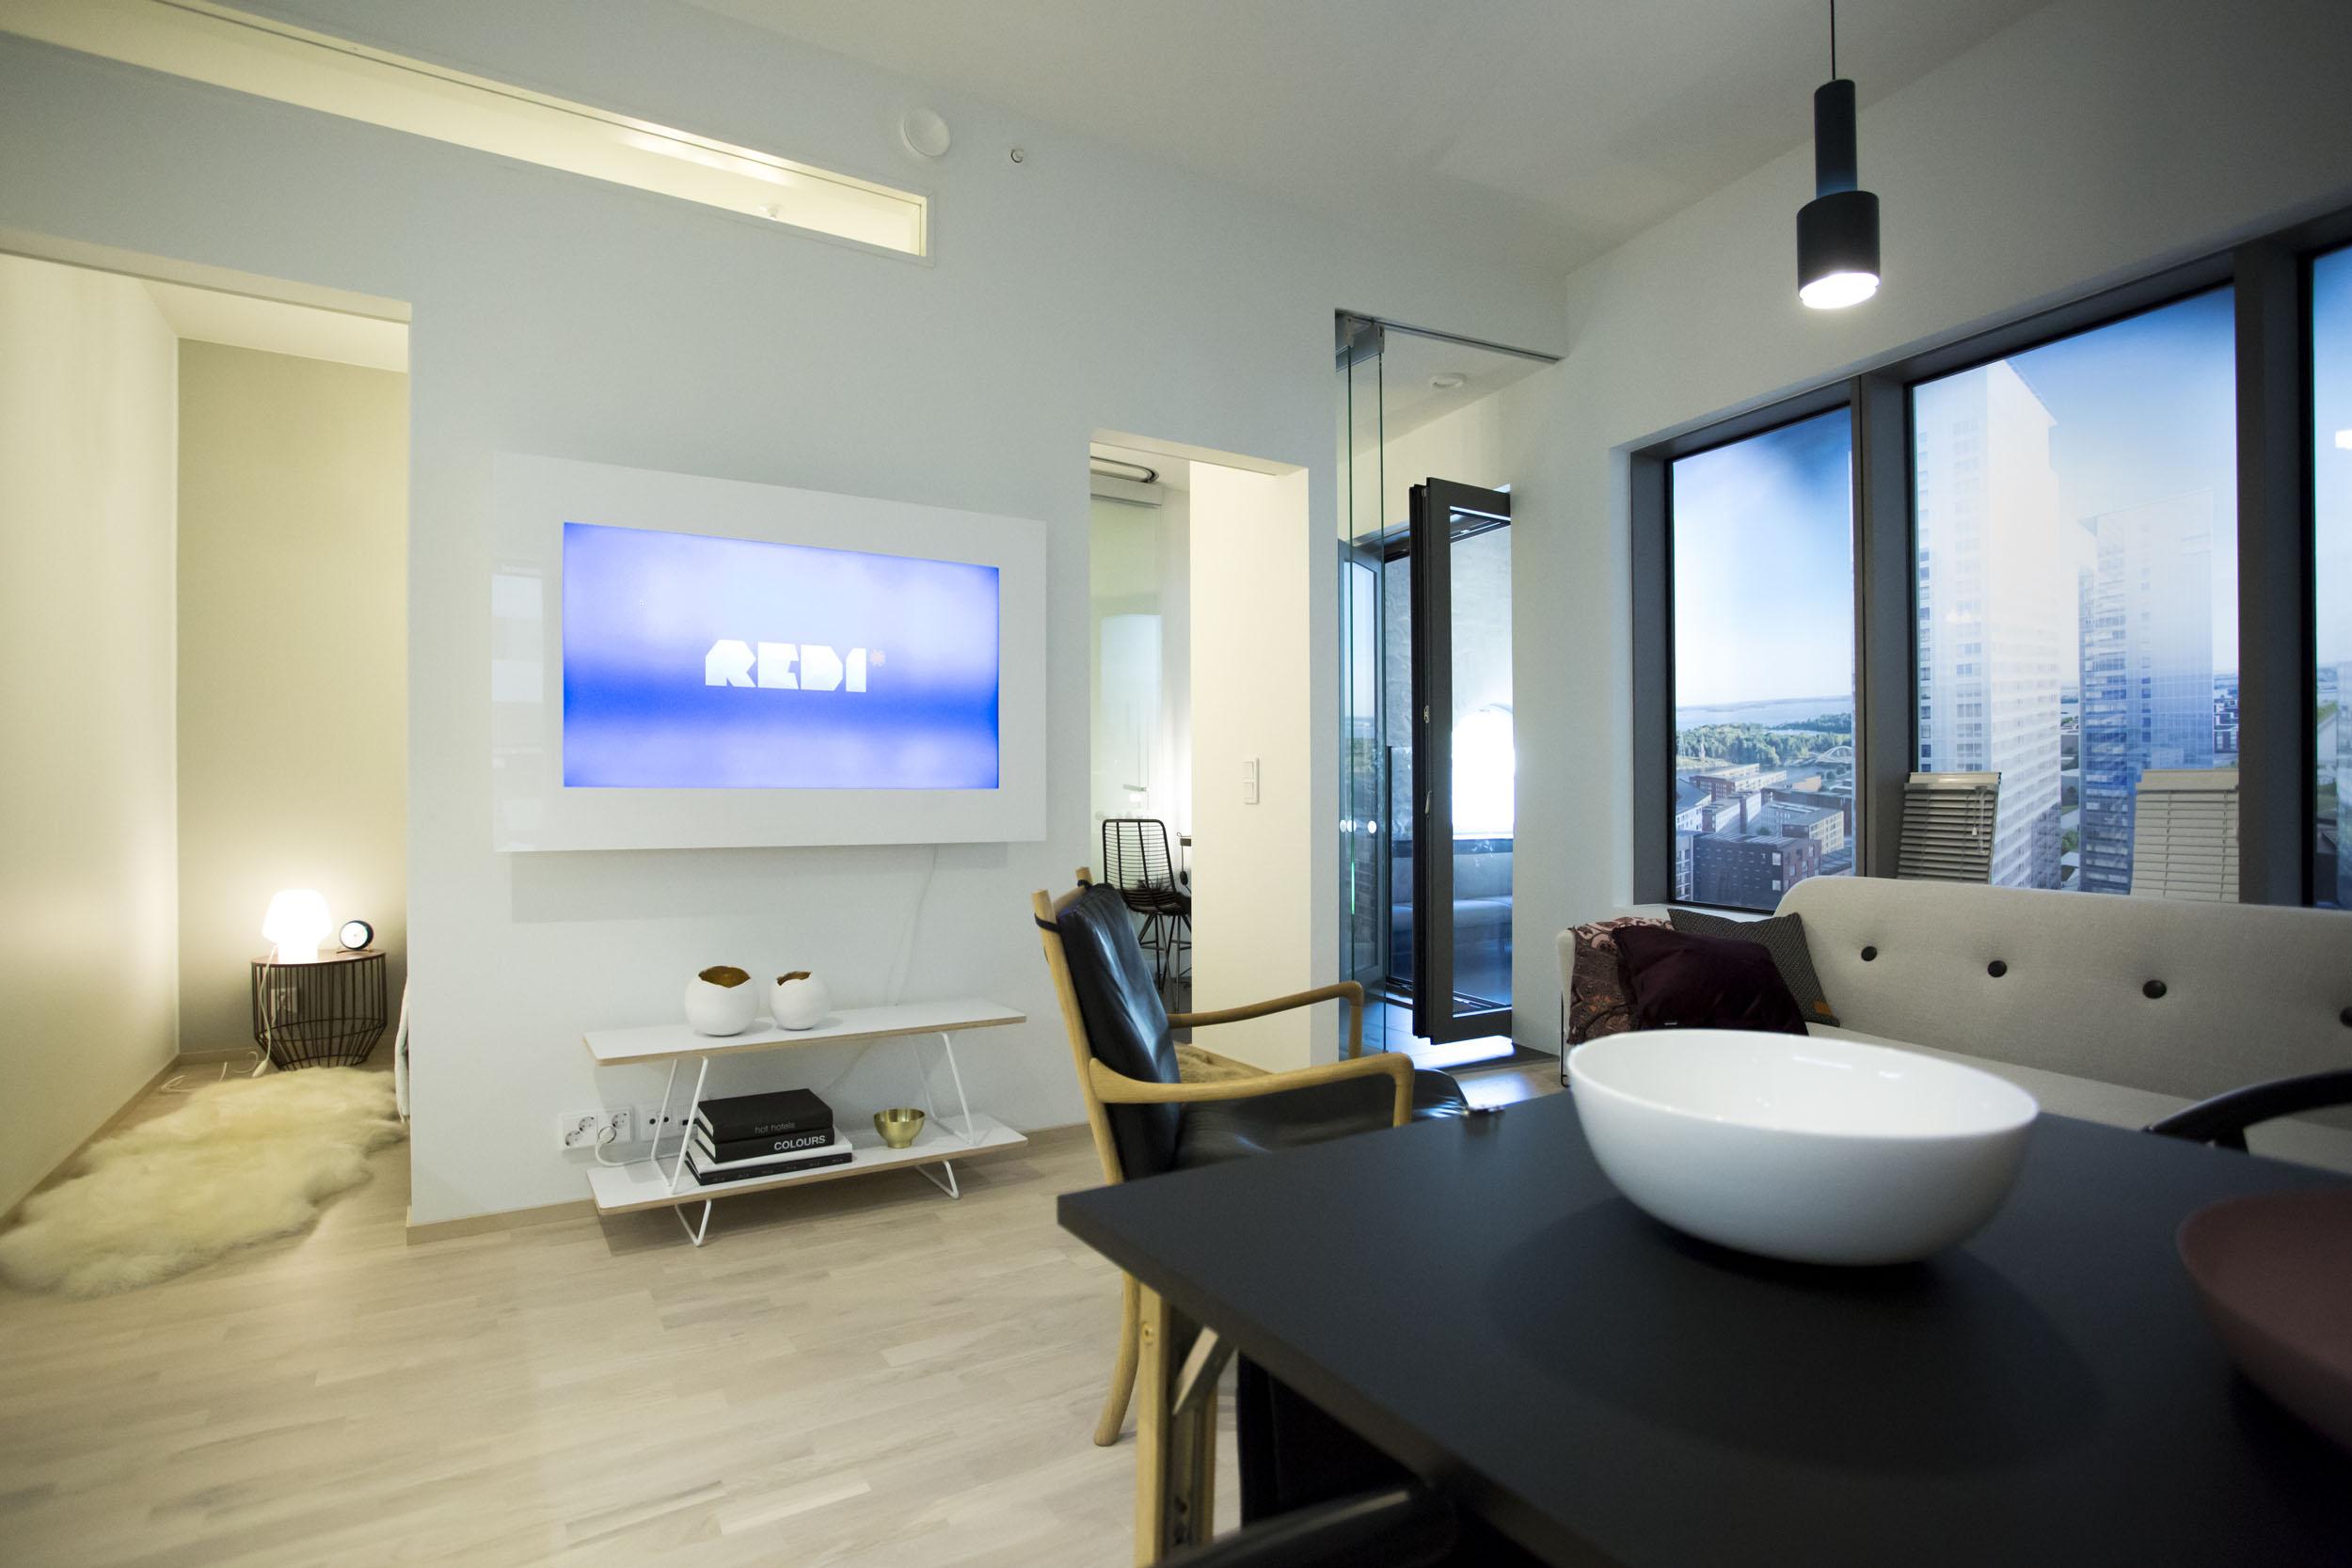 Kiinnostuneita ostajia varten Majakasta asunnoista on rakennettu mallihuone.